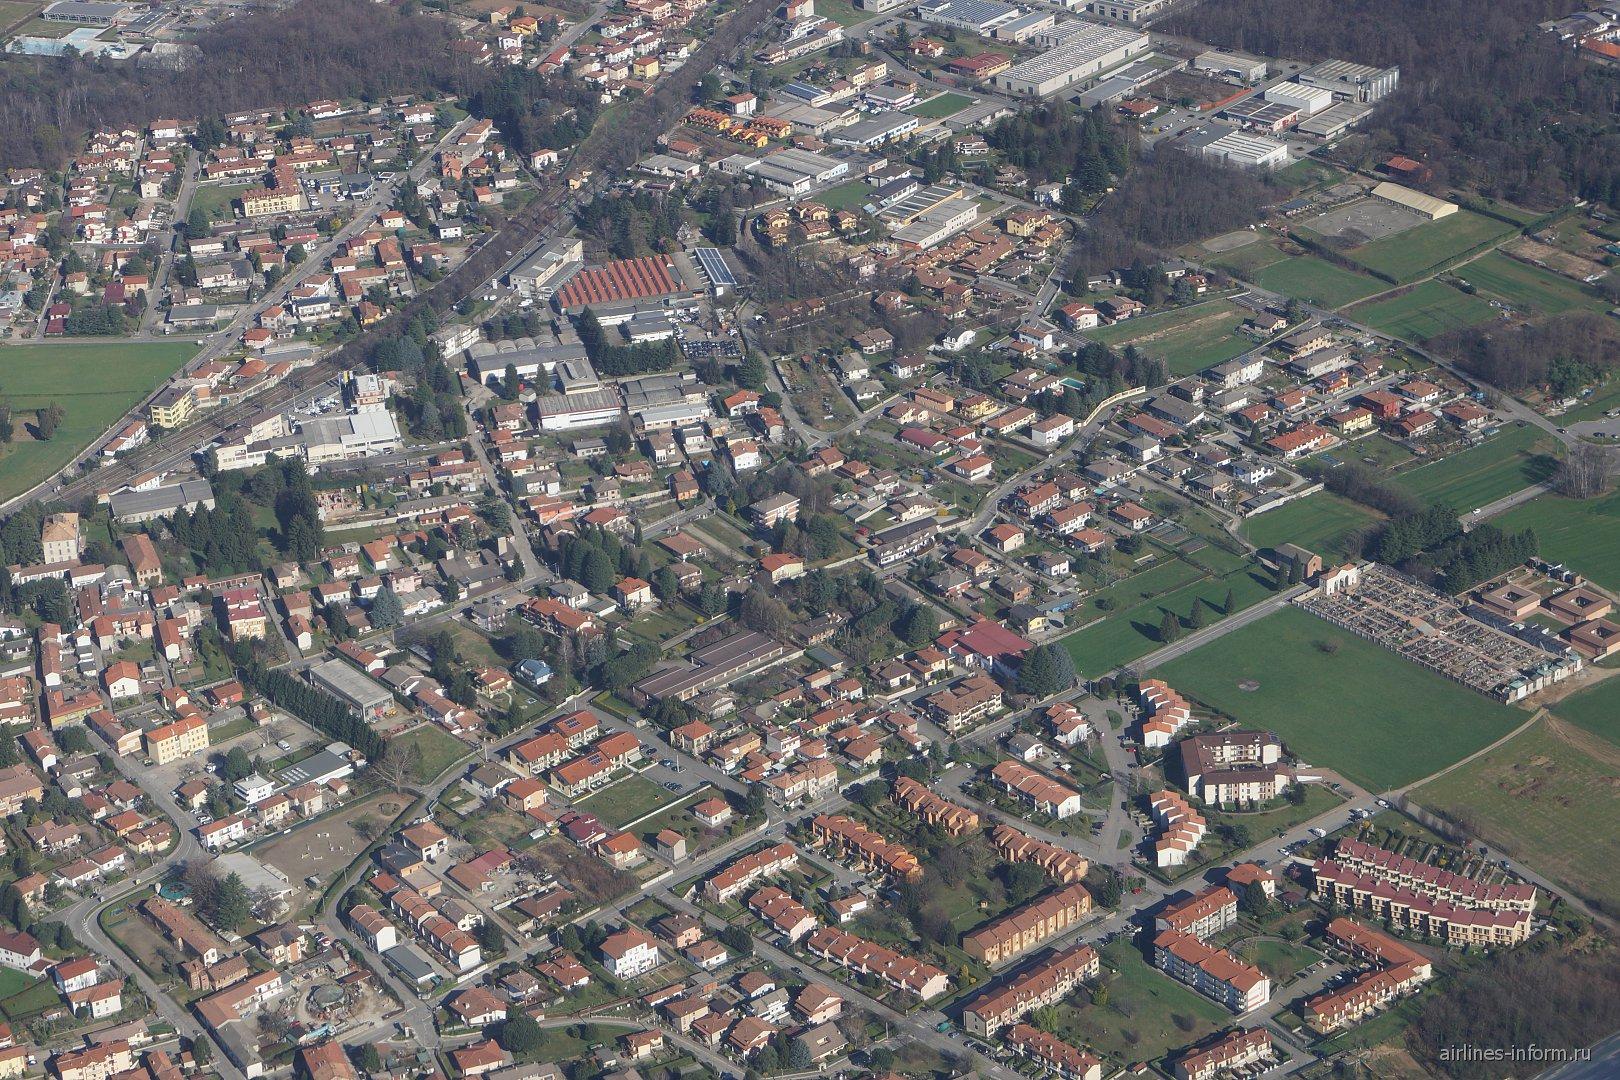 Жилые кварталы после взлета из аэропорта Милан Мальпенса